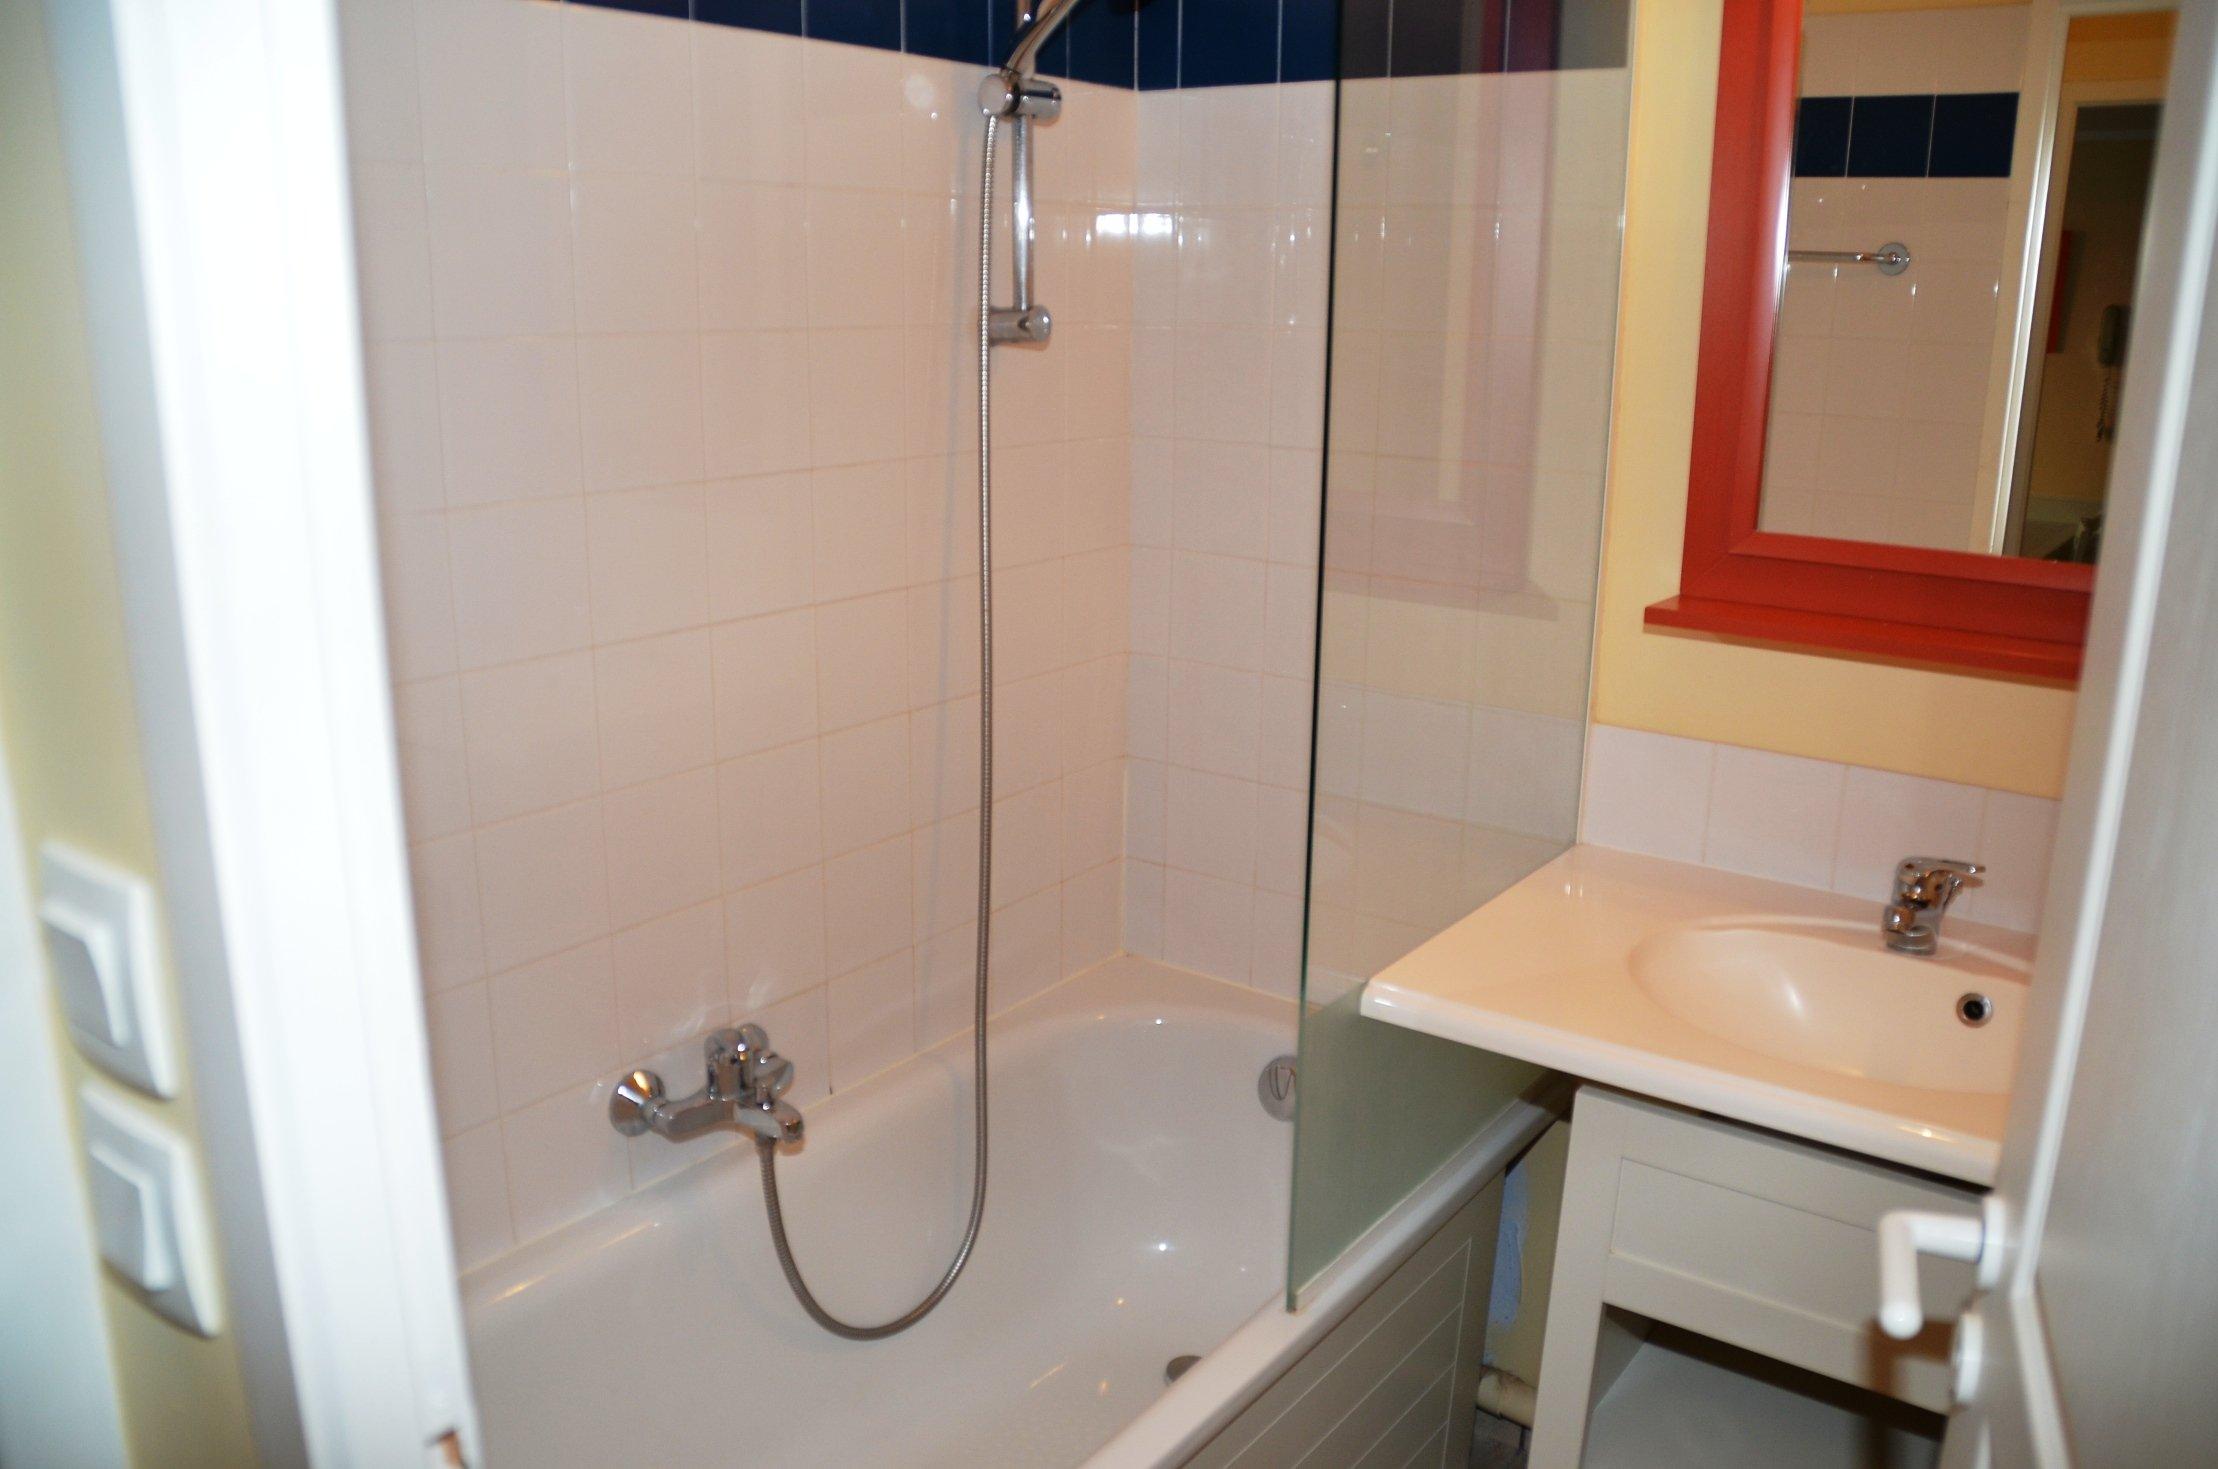 C107 location l 39 estran for Belle mere dans la salle de bain